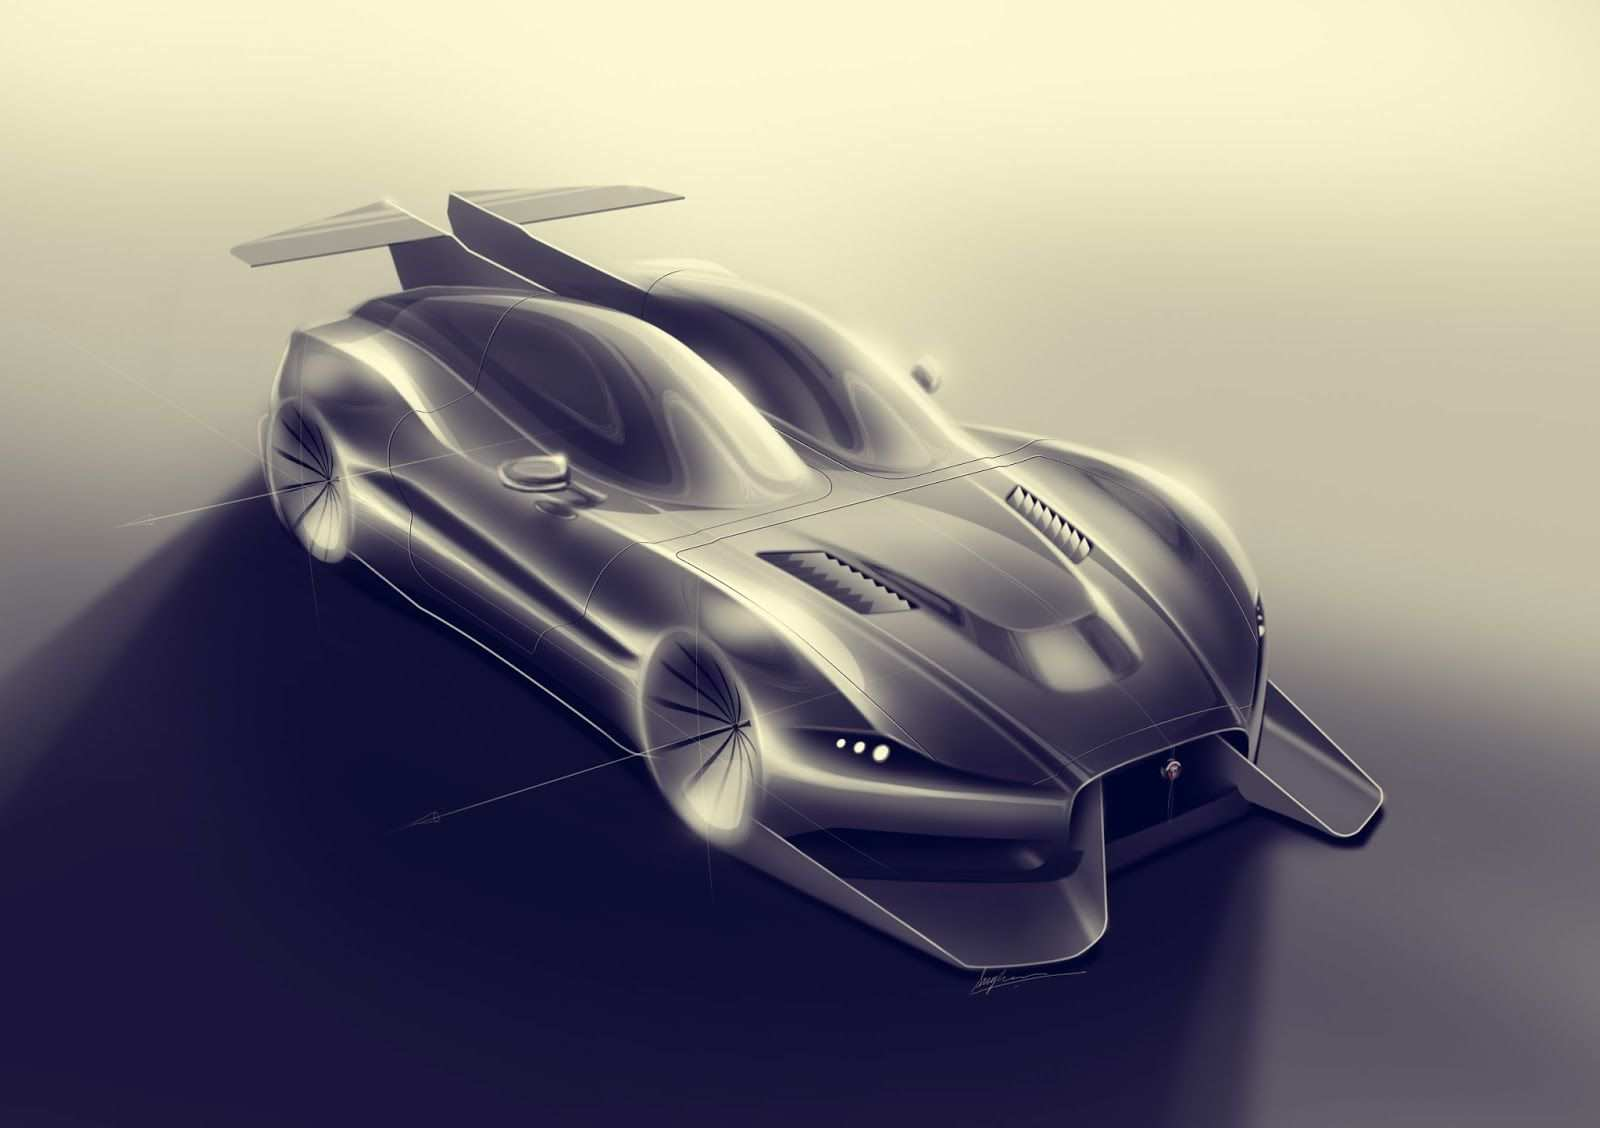 66 All New Jaguar Concept 2020 Overview with Jaguar Concept 2020